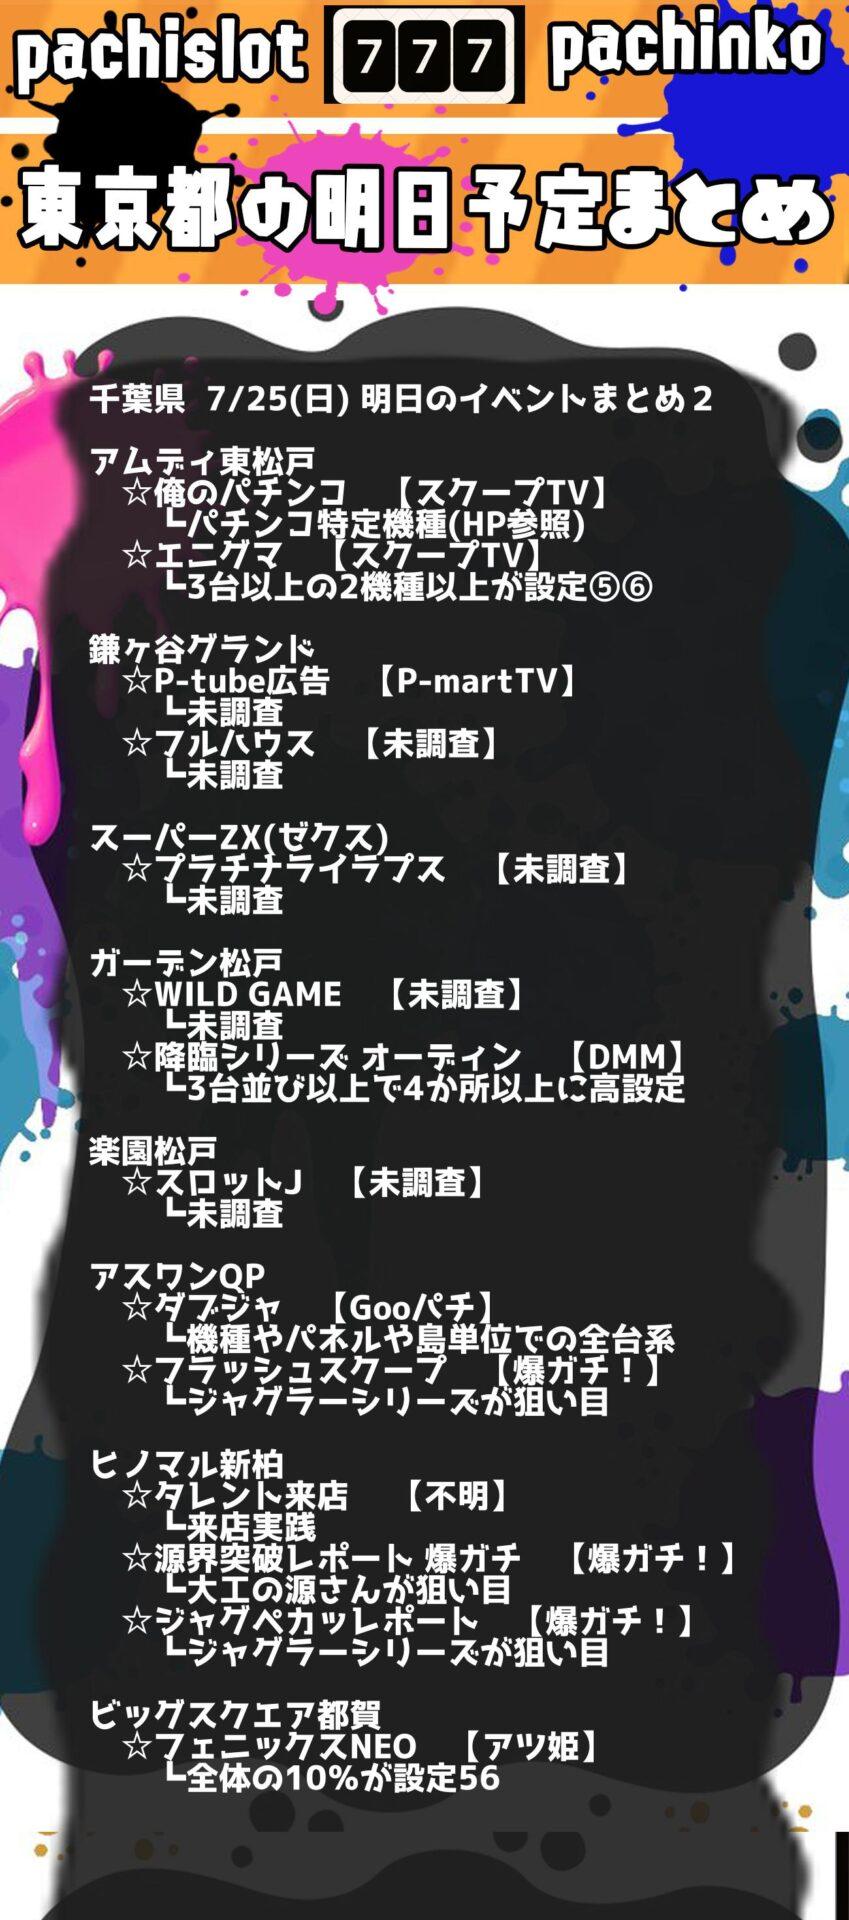 千葉県_2021-07-25_パチンコ・パチスロ_イベント